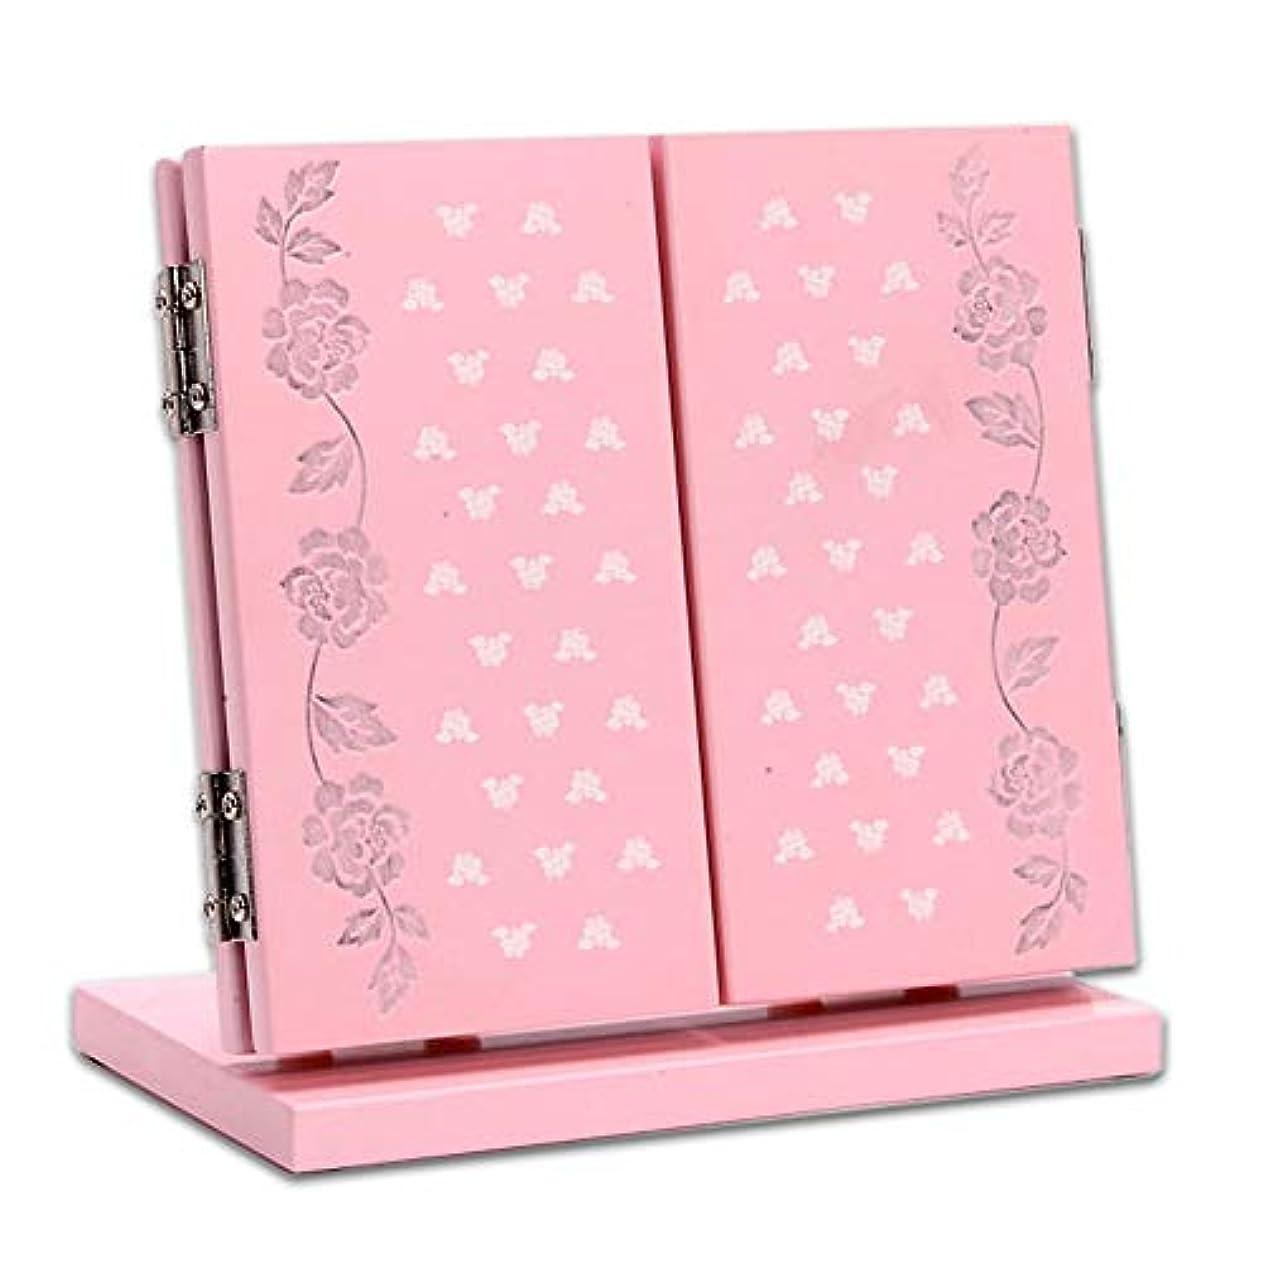 インタフェースご飯抹消MOOJOO 卓上 三面鏡 鏡 アンティーク 女優 ミラー 木製 折りたたみ ピンク